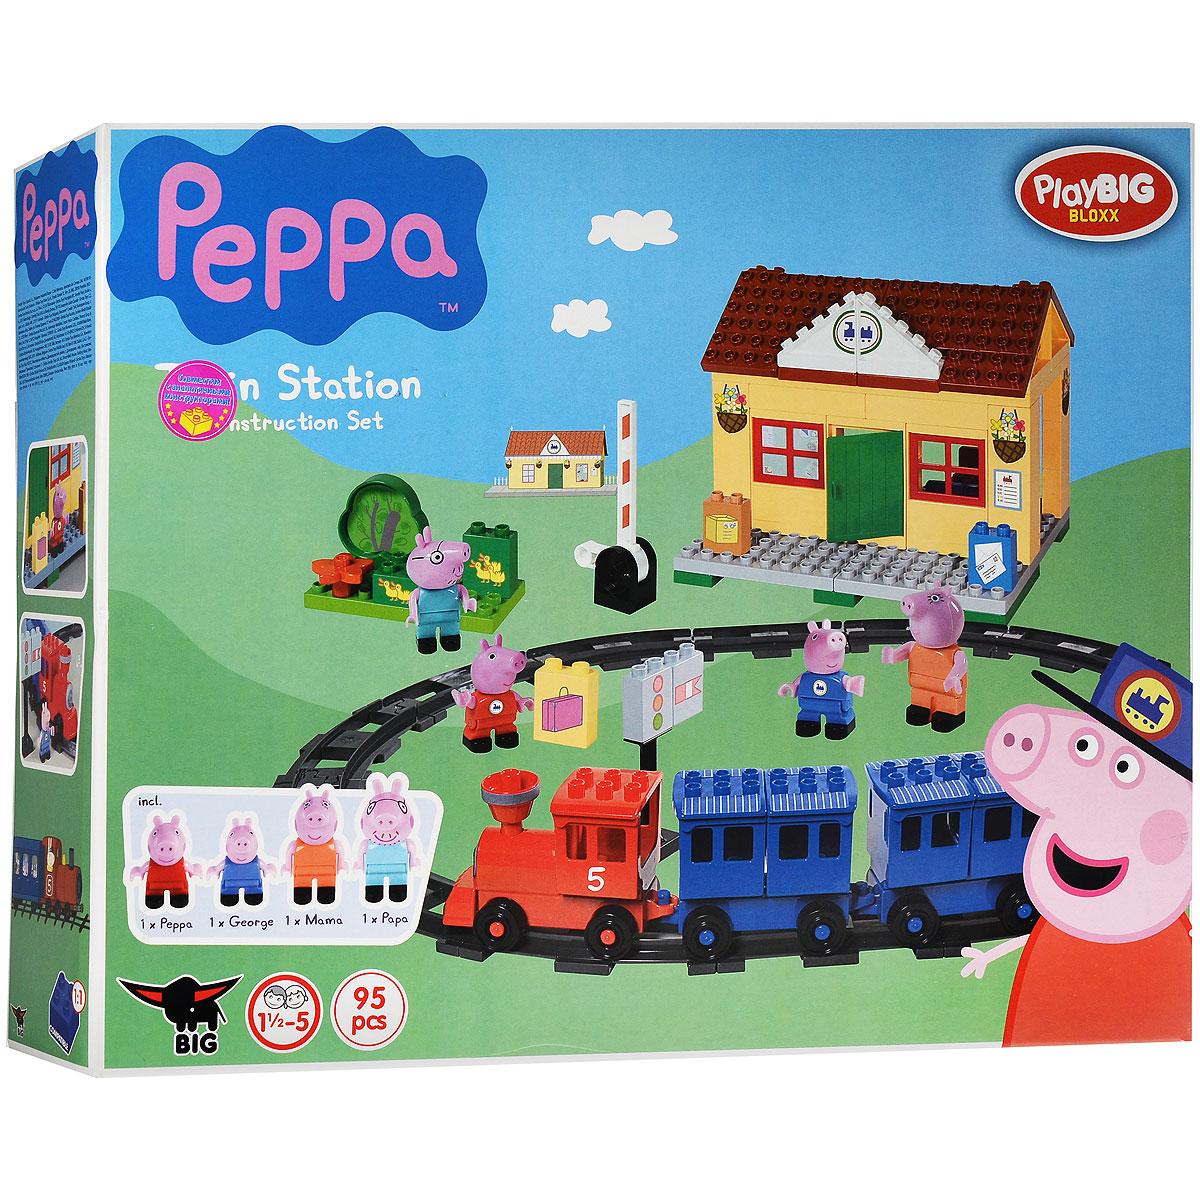 Play Big Конструктор Железнодорожная станция play big конструктор peppa pig игровая площадка